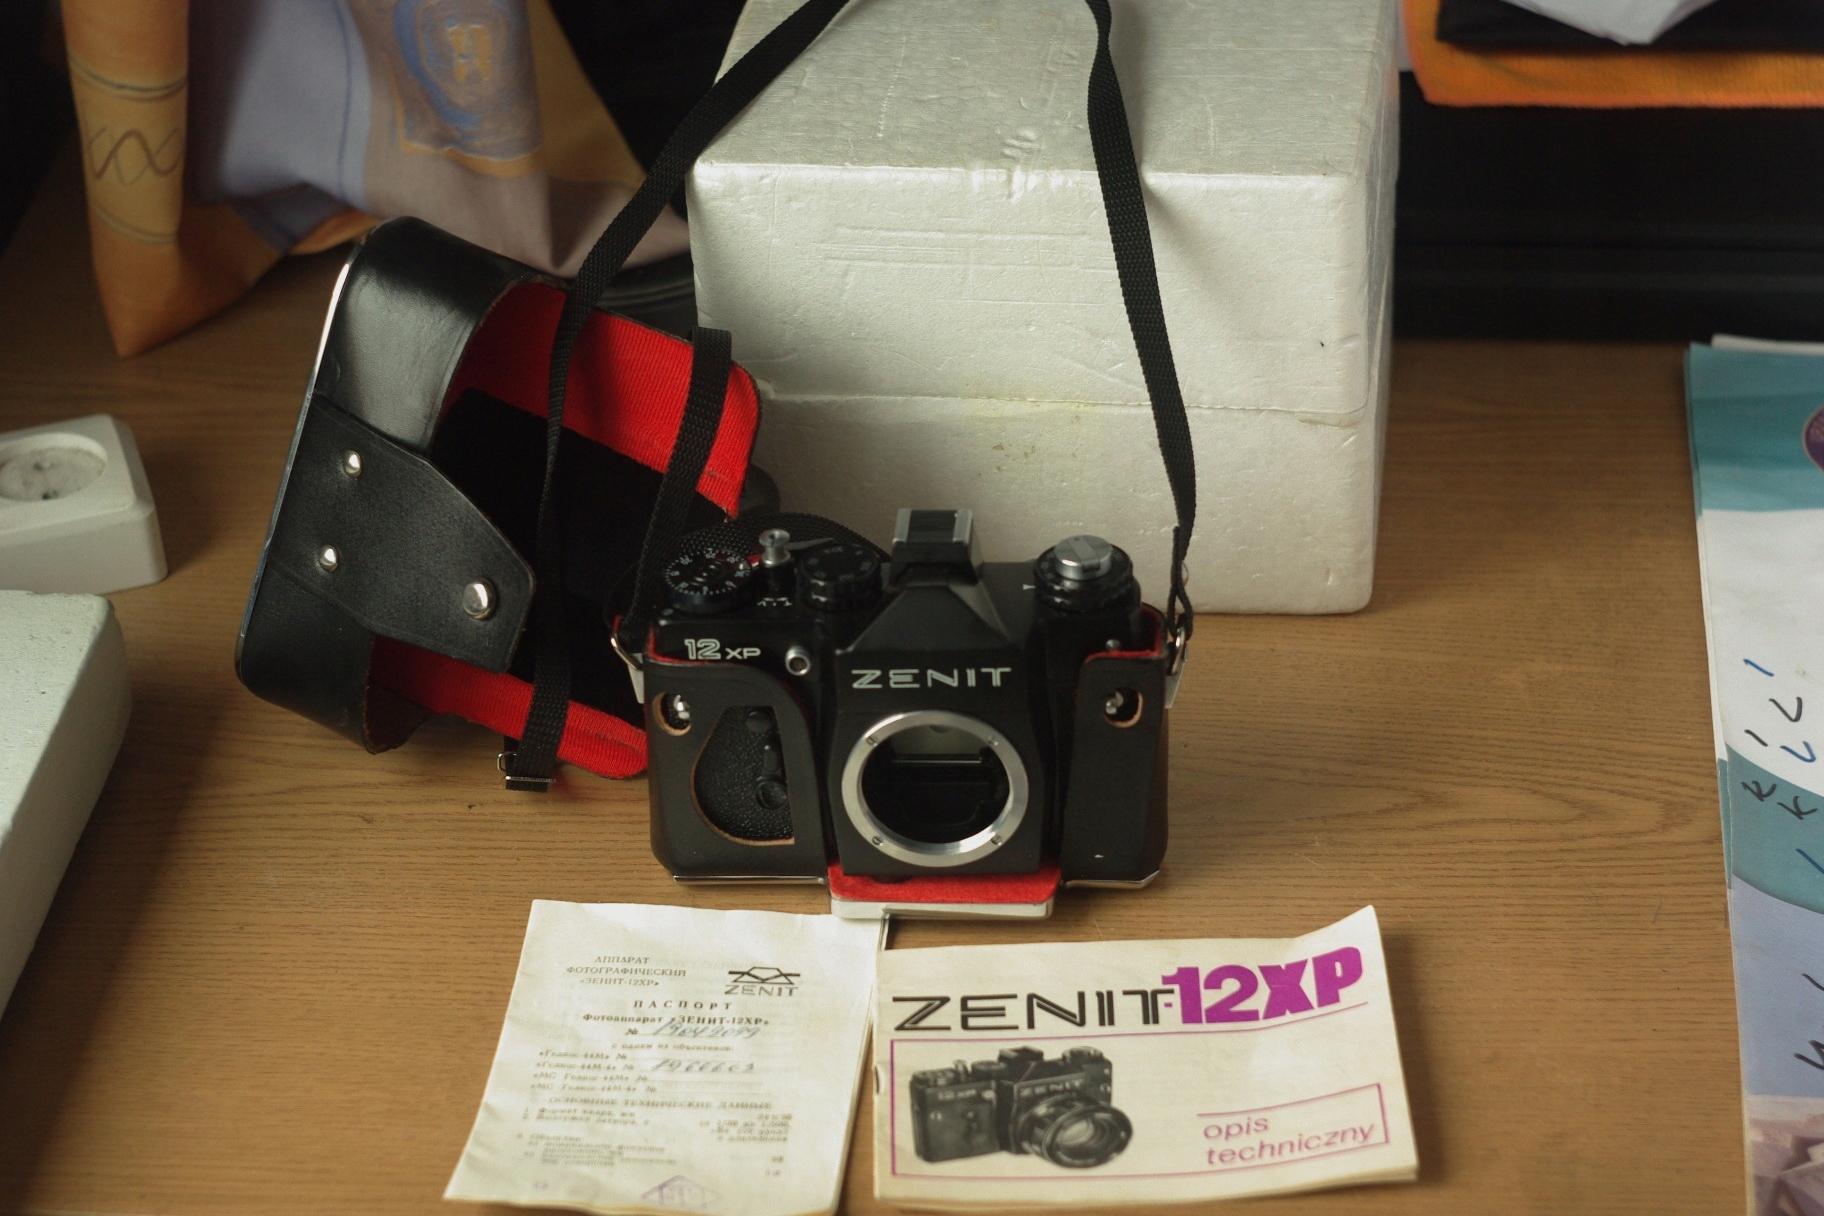 Zenit 12XP karton, instrukcja i tzw. paszport.